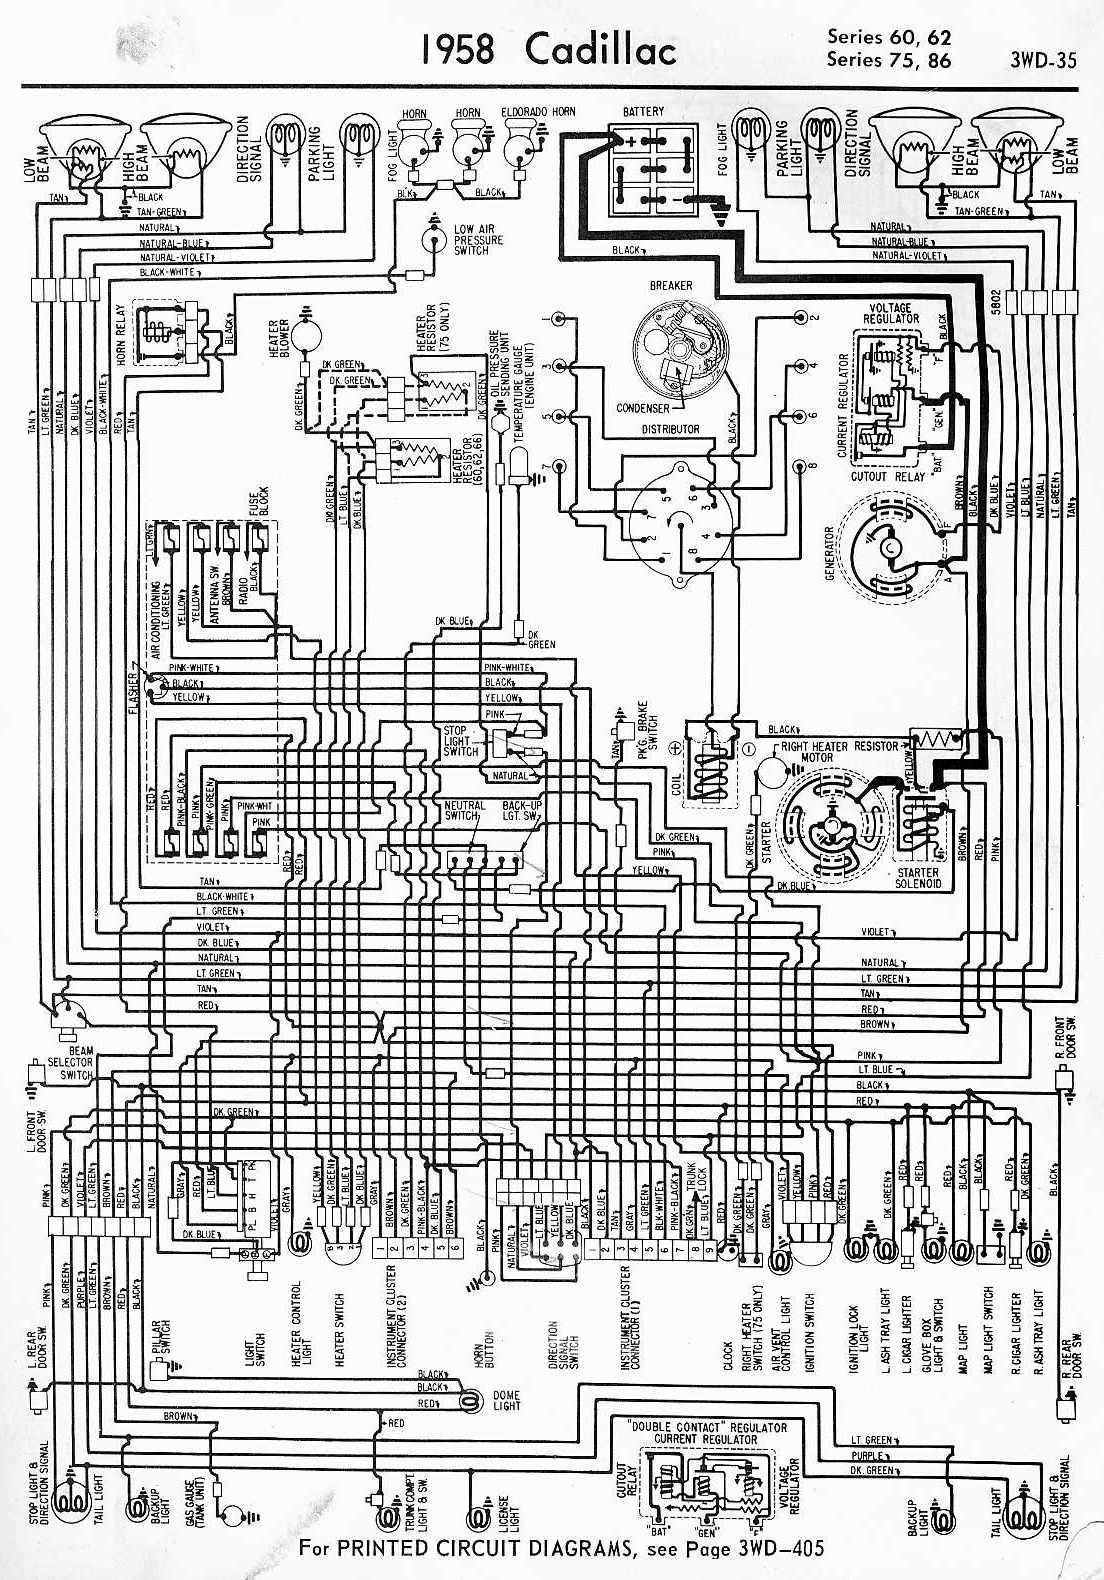 1994 cadillac deville wiring diagram f32f413 1994 cadillac deville speaker wiring diagram wiring library  f32f413 1994 cadillac deville speaker